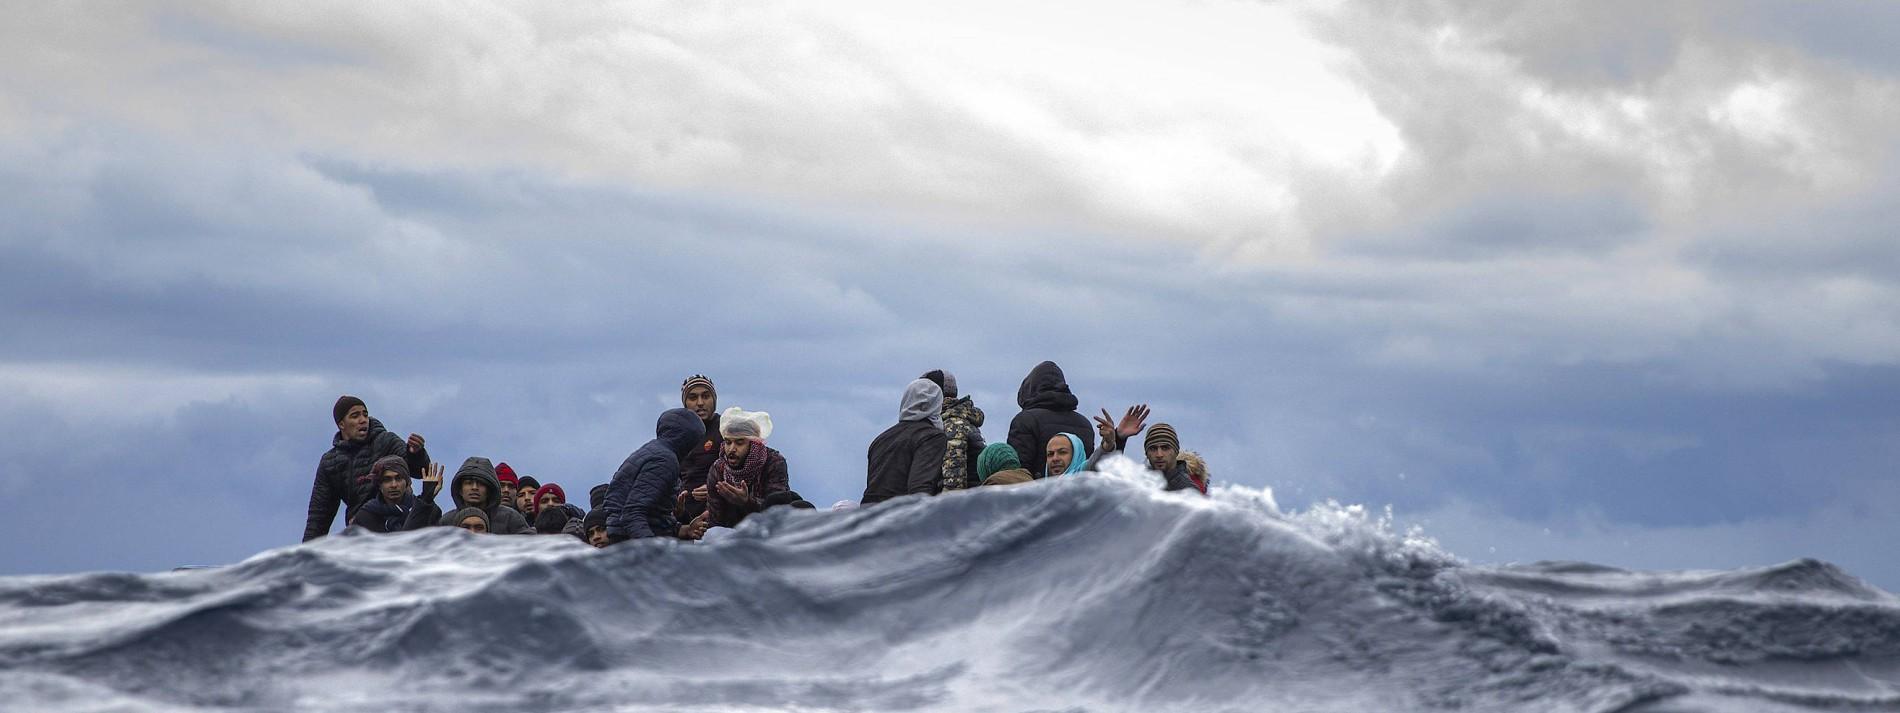 Menschenschmuggler bringen Migranten zurück nach Hause